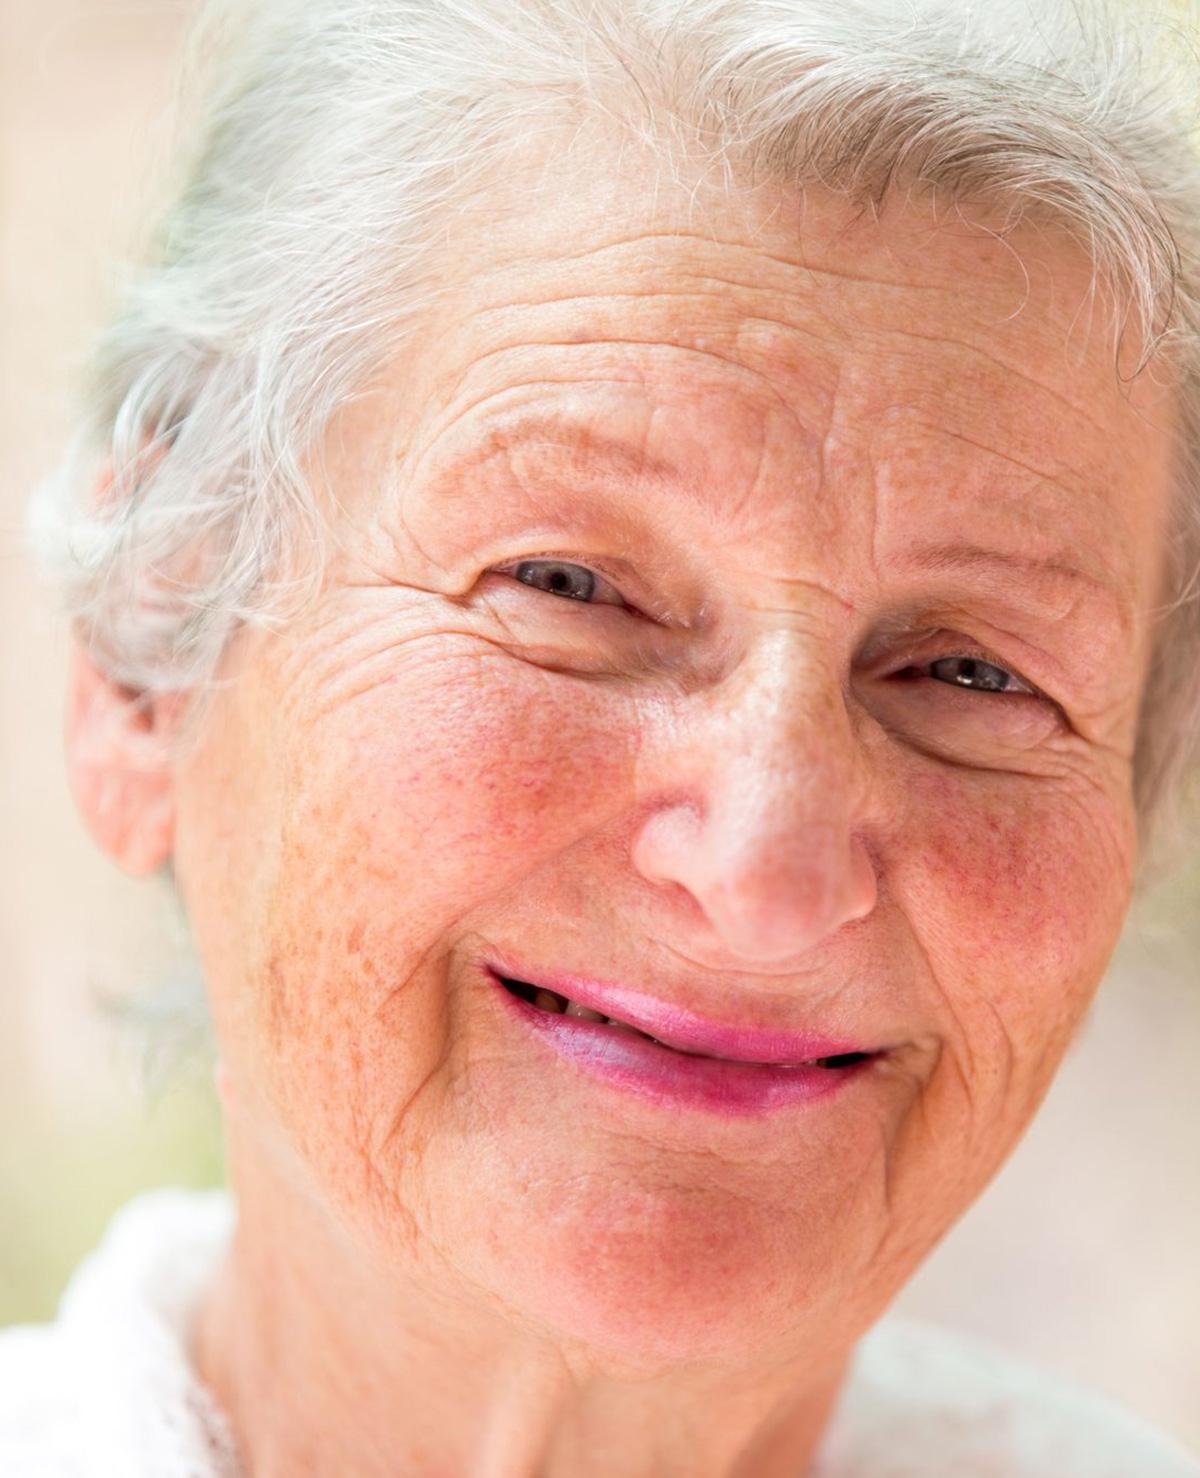 Omapost verbindt ouderen met jongeren